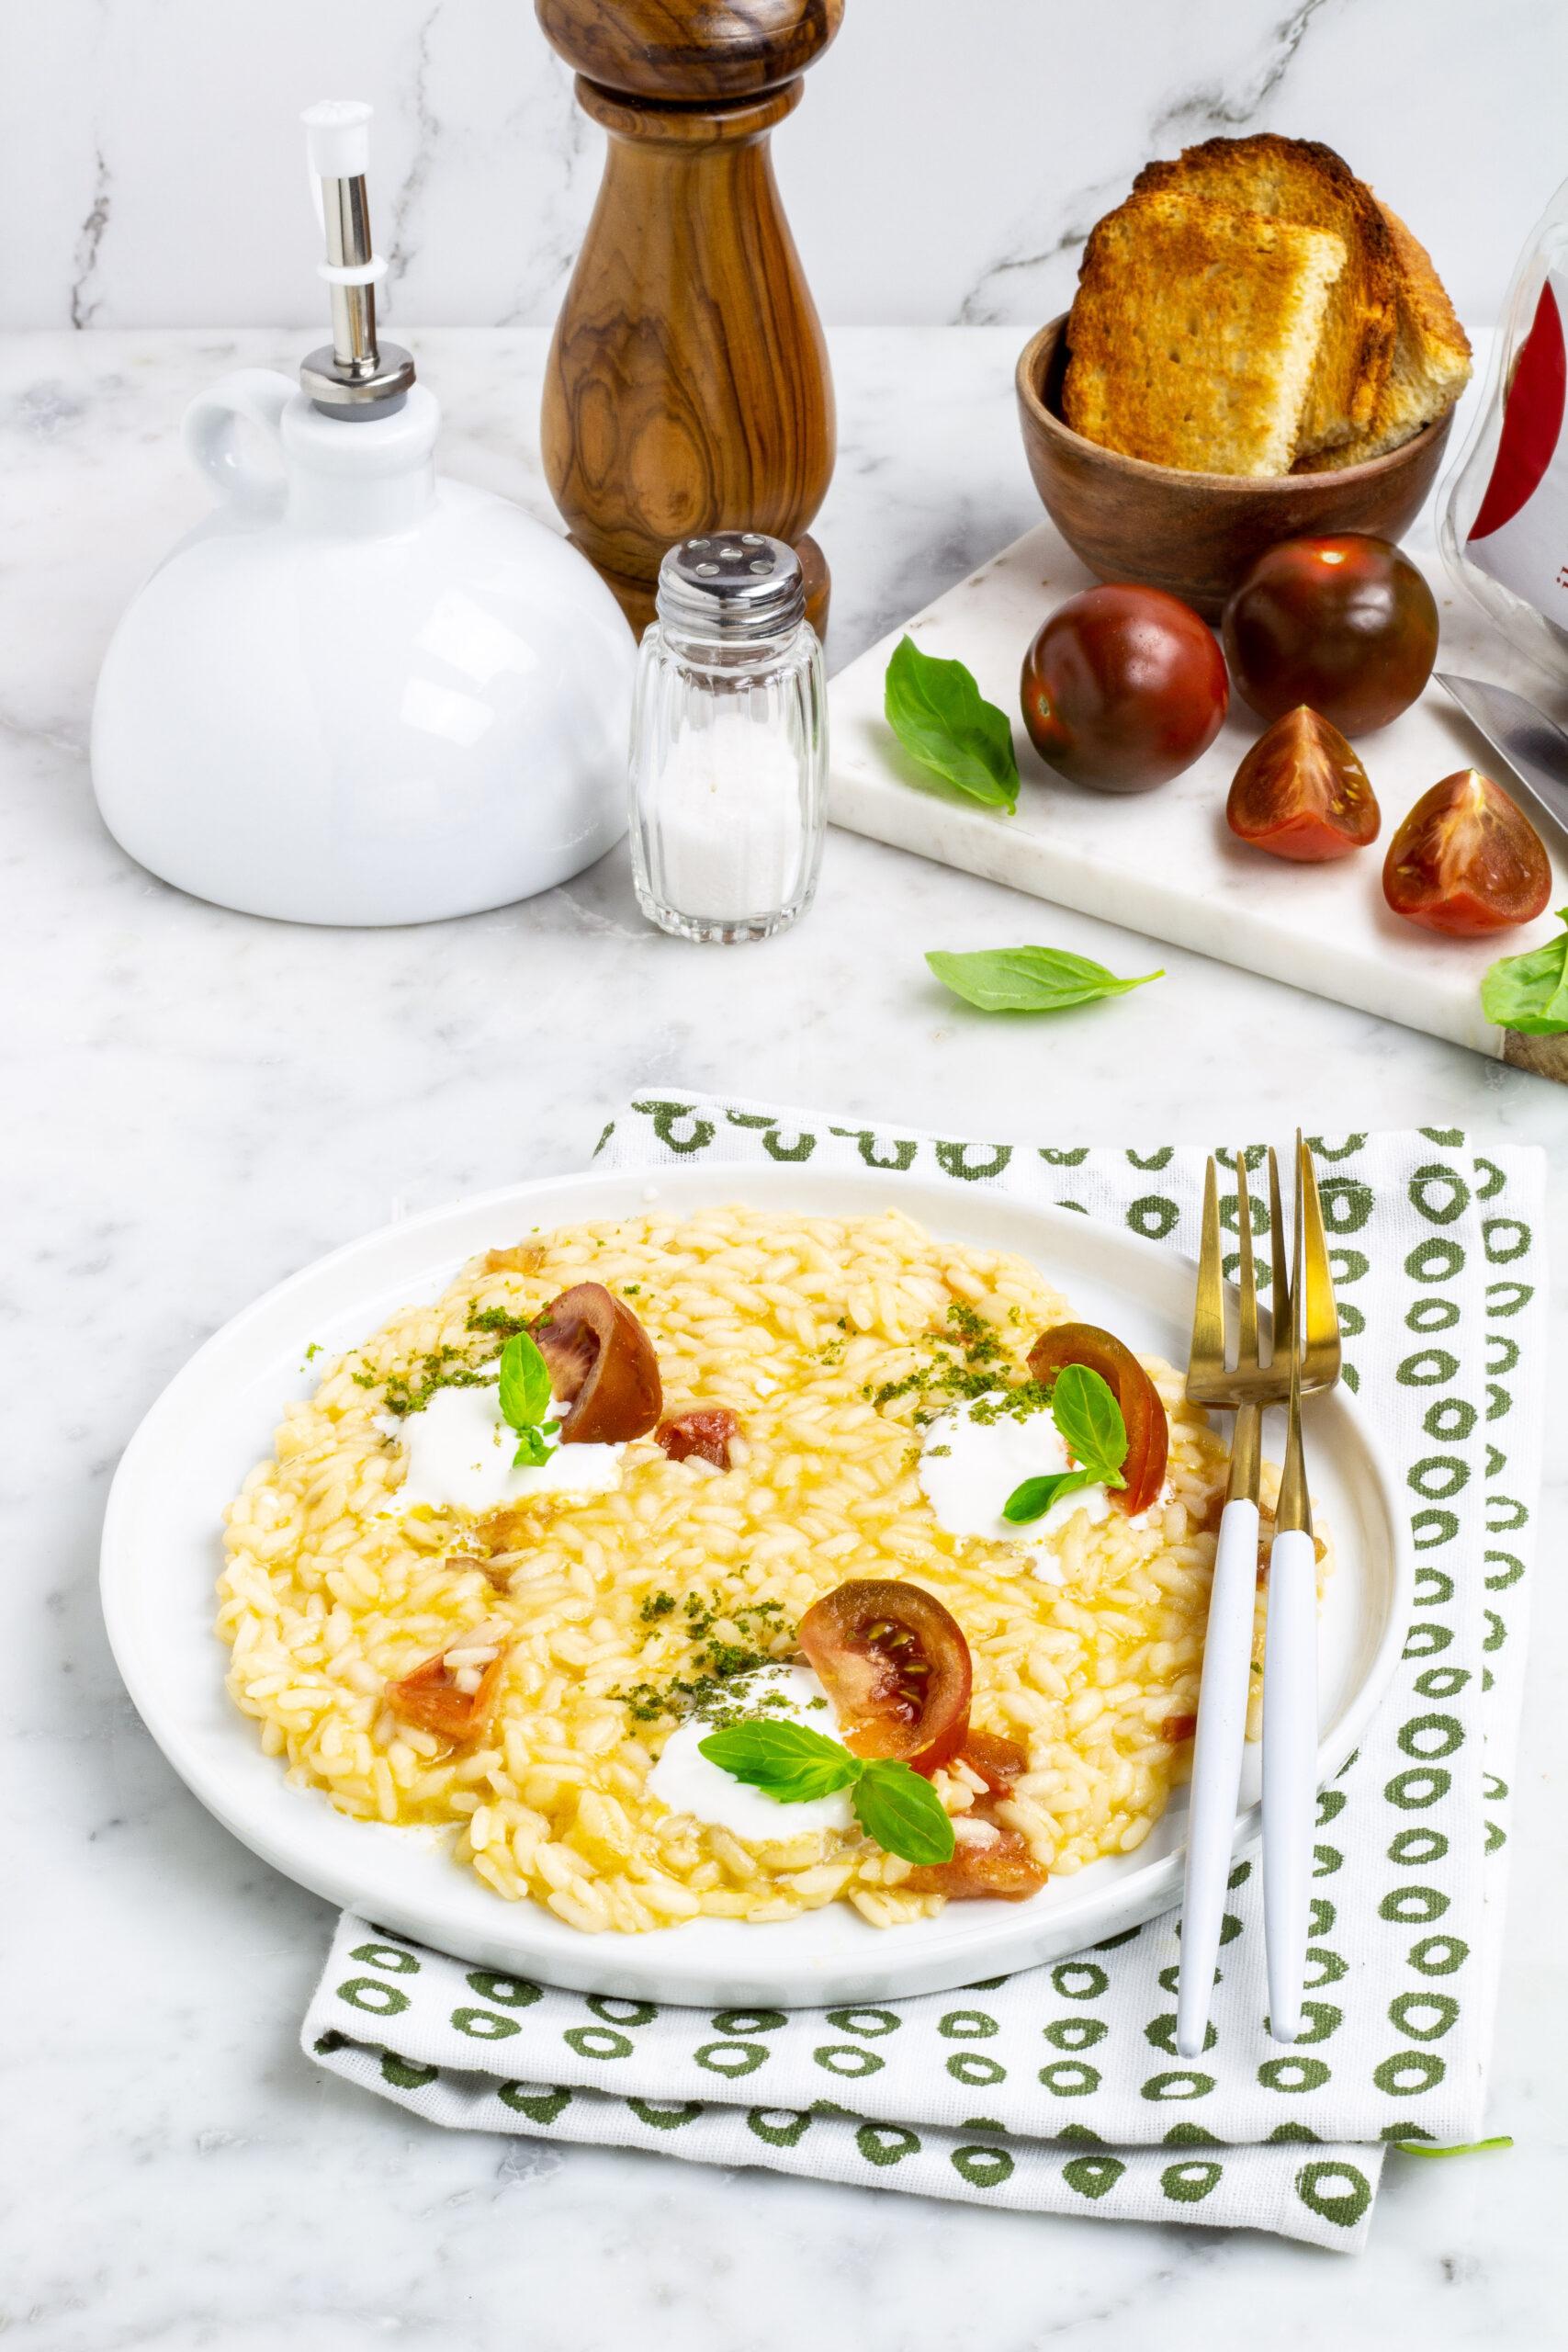 risotto con pomodoro iLcamone